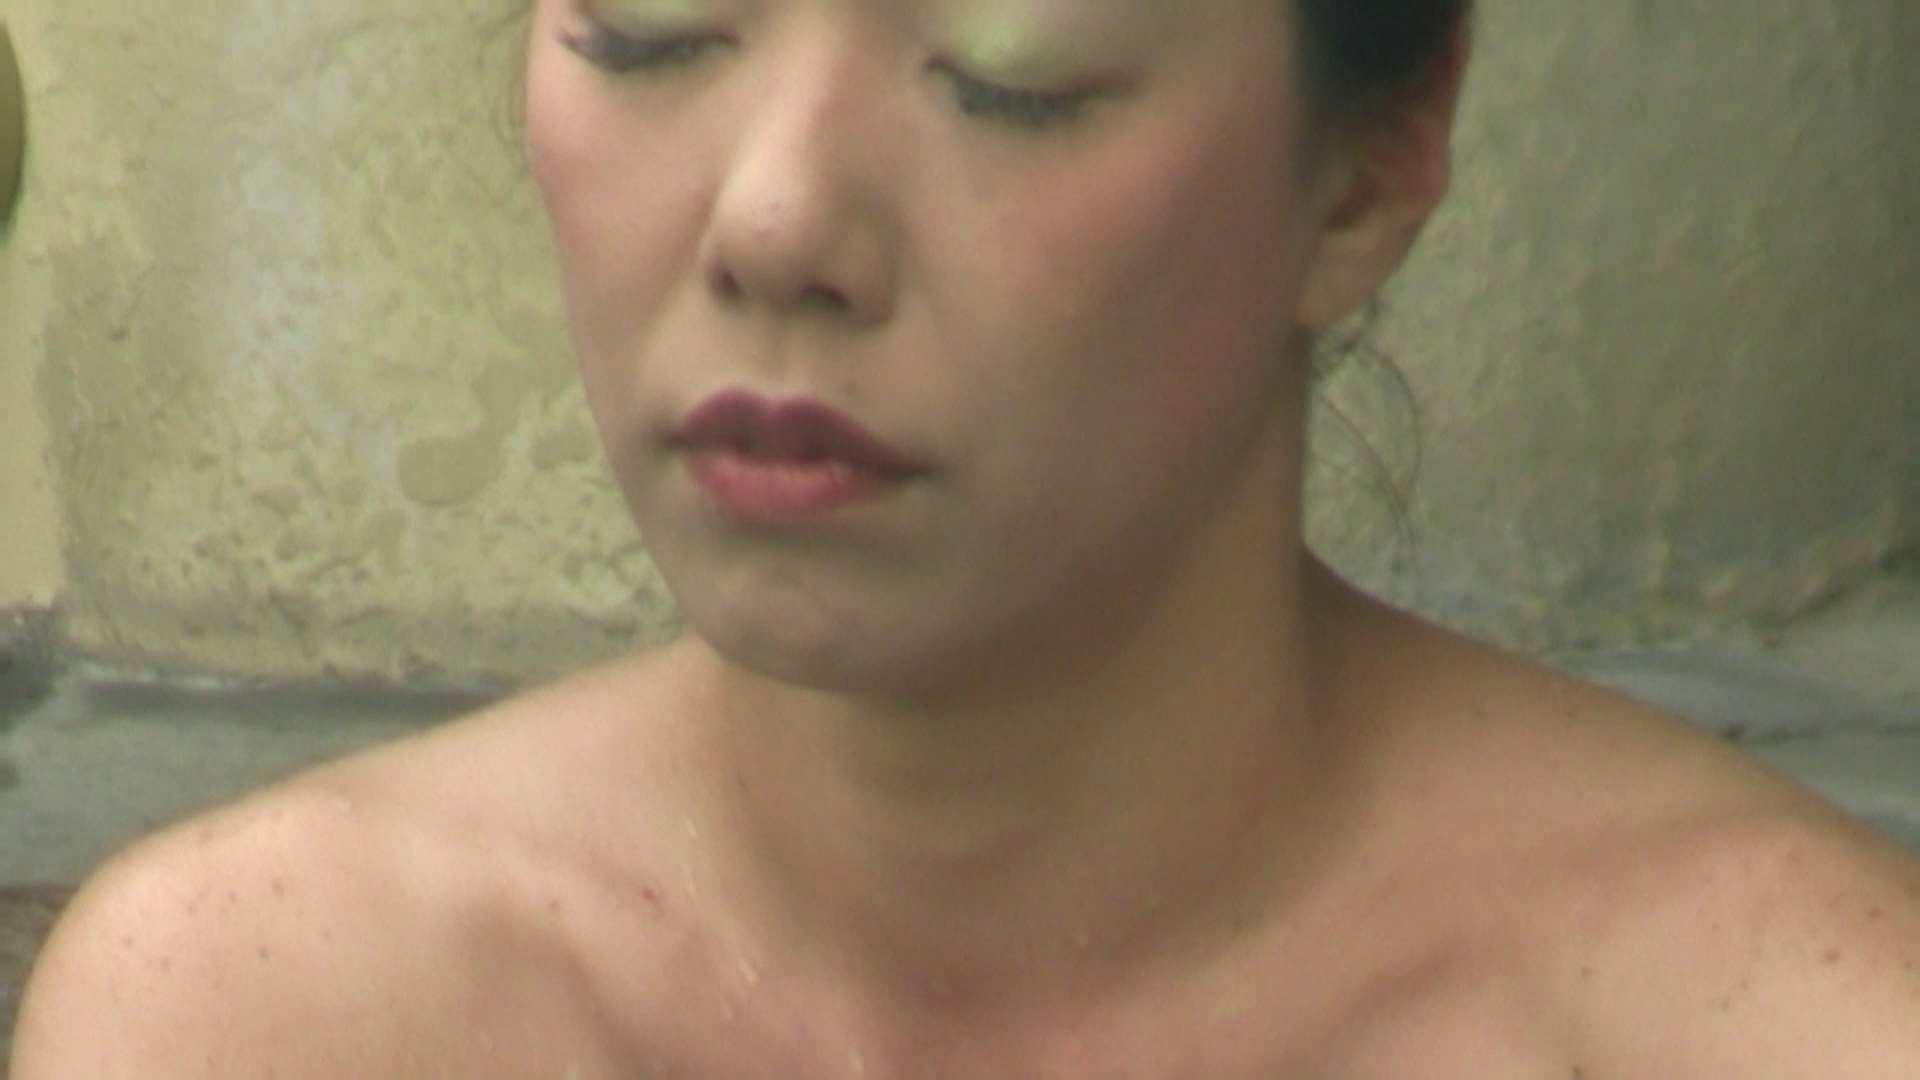 高画質露天女風呂観察 vol.036 高画質 | 女風呂  85pic 72